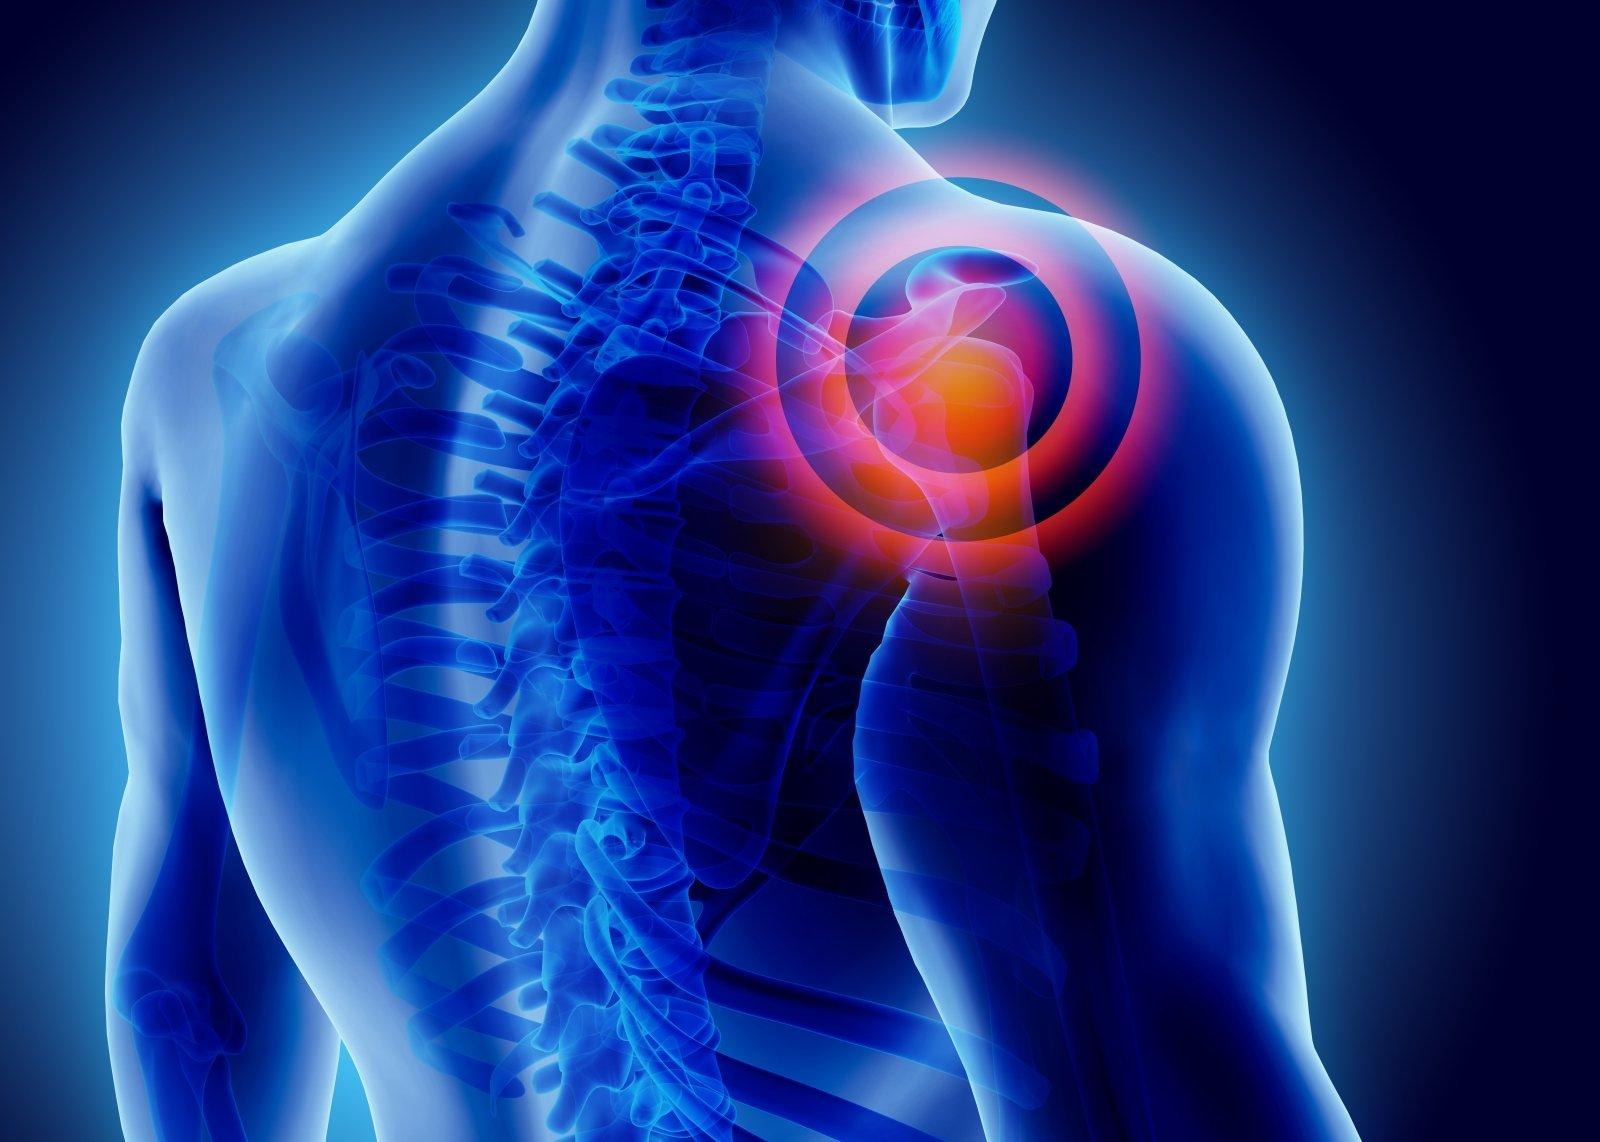 skausmo priežastis peties sąnario su laisvų rankų gydymui šou gydymas osteoartrito sąnarių stotelės